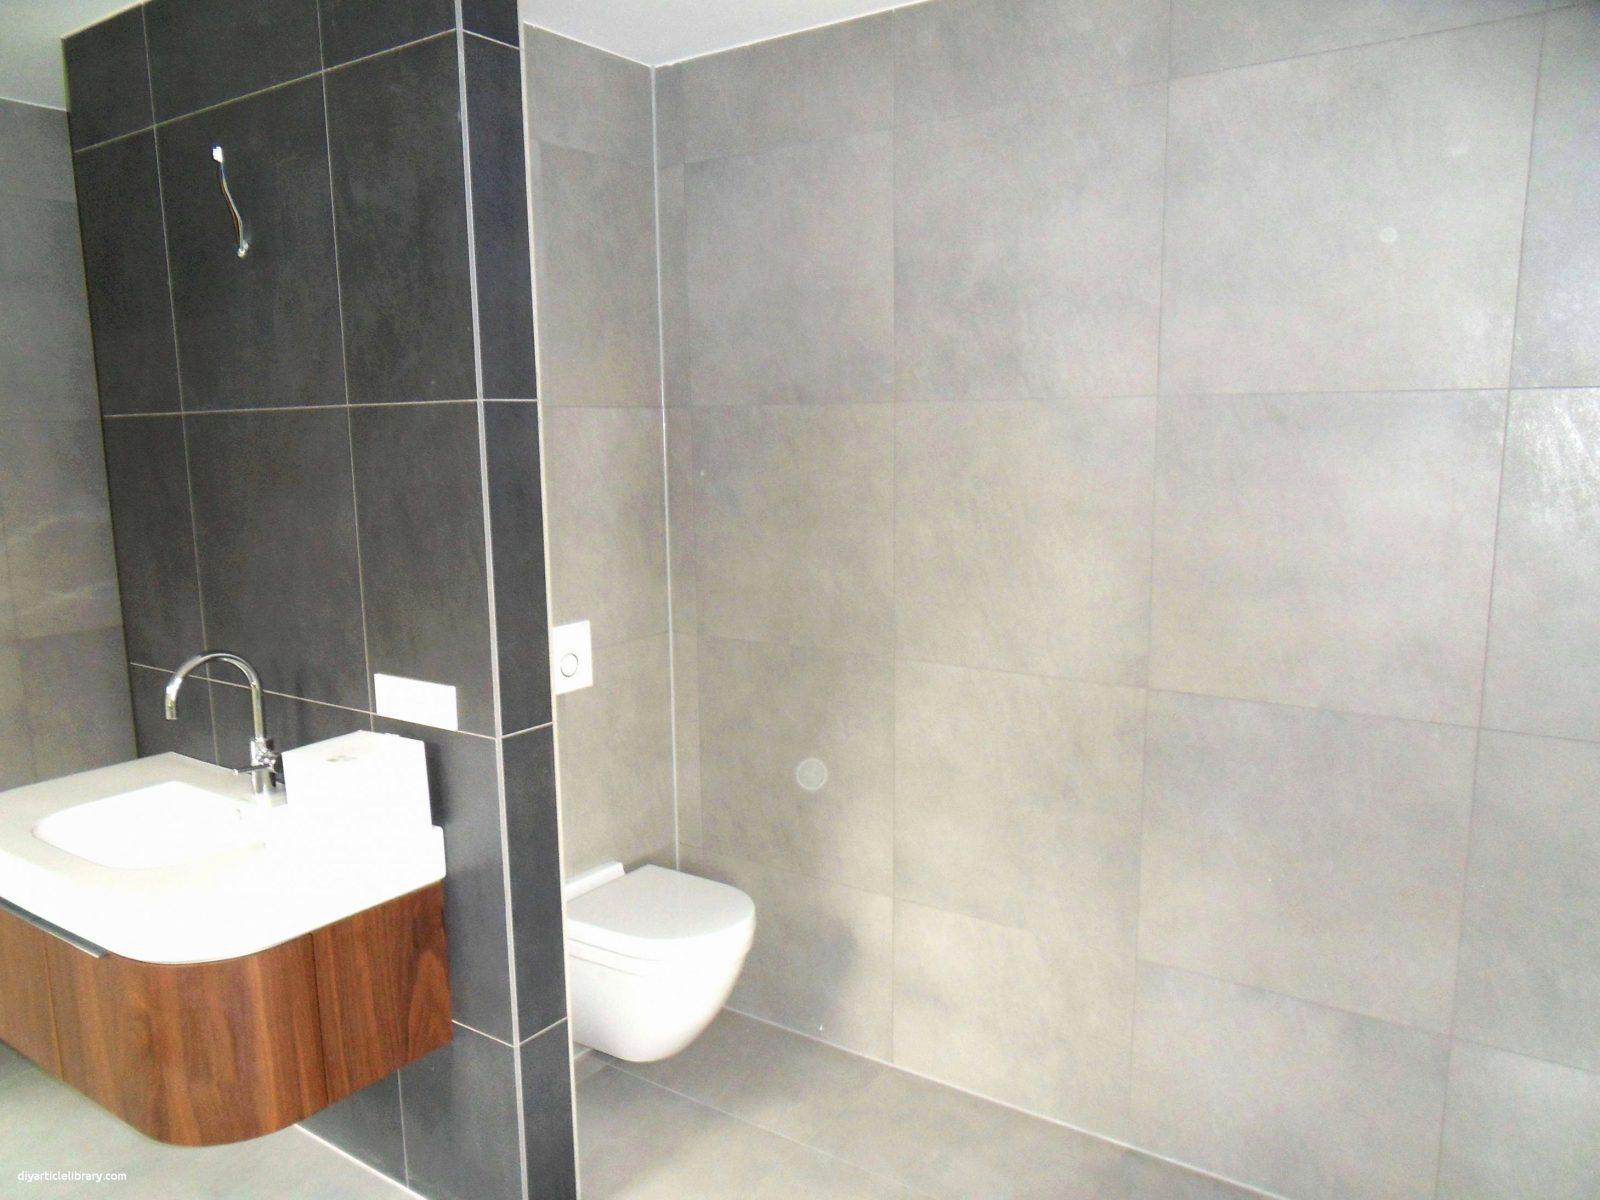 Badsanierung Kosten Pro Qm Schön Planen Pro Qm  Haus Ideen Möbel von Badsanierung Kosten Pro Qm Bild